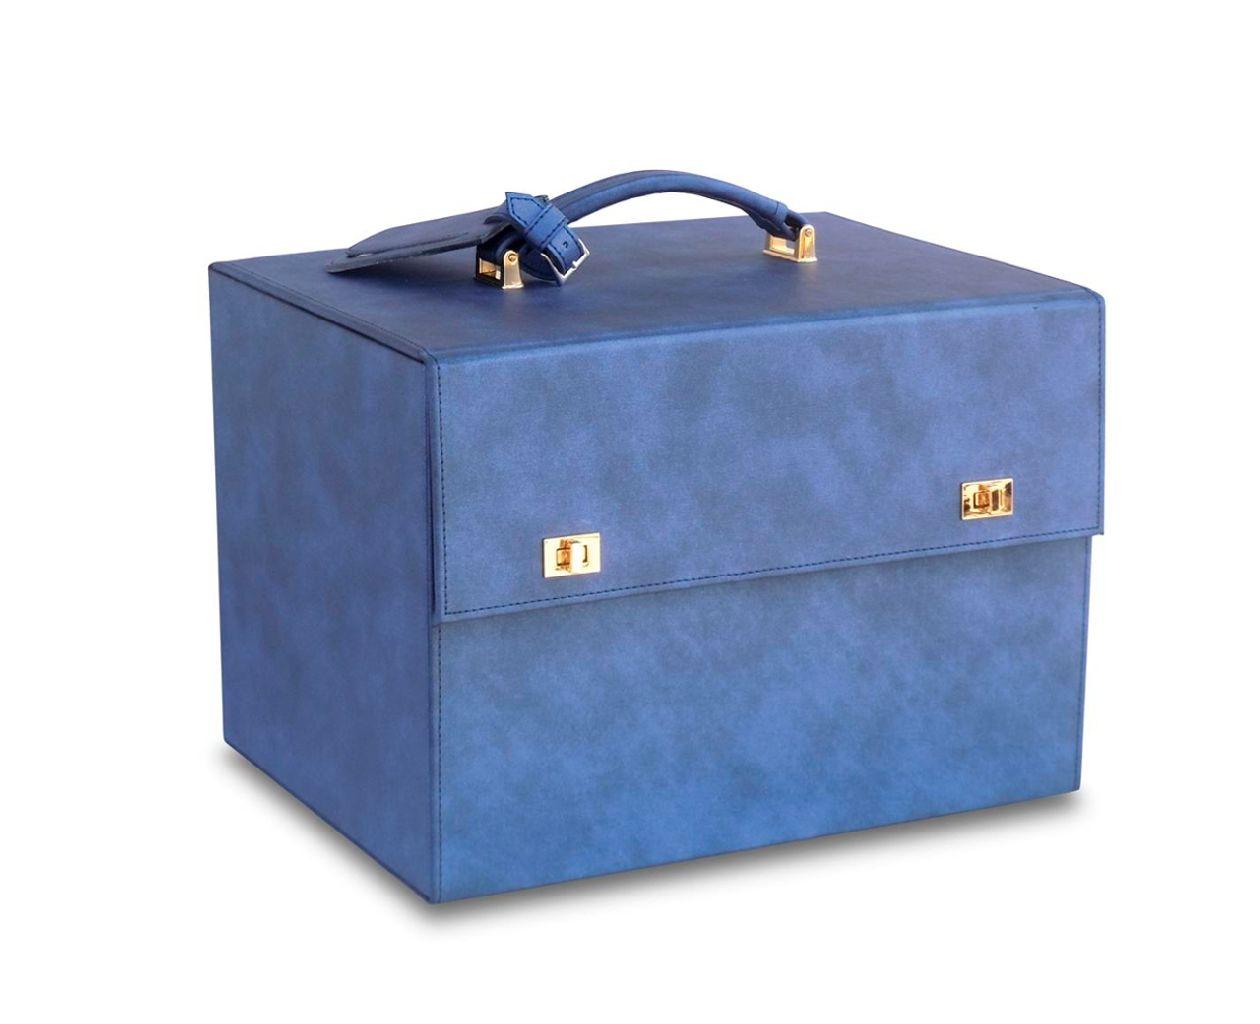 Borsa rigida blu - Bertoncello Graziano